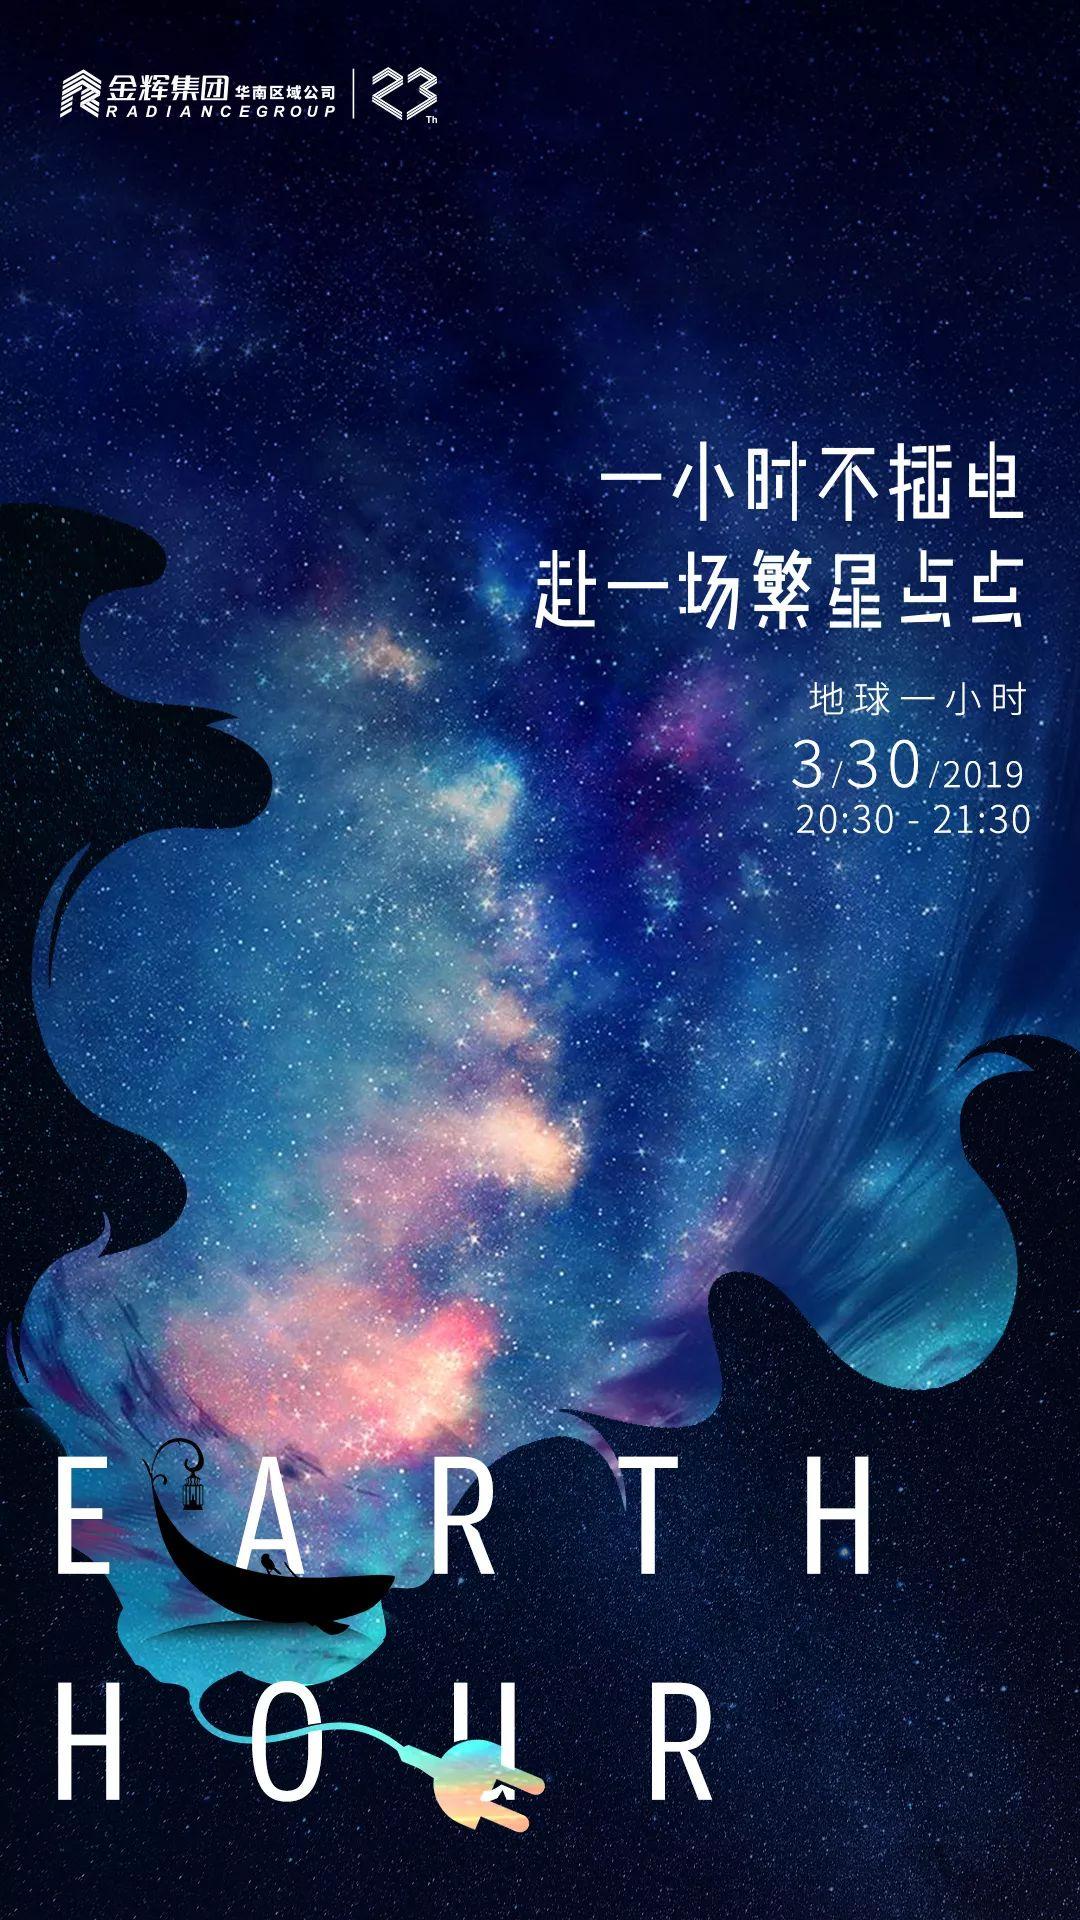 地球一小时文案海报:抬头发现天空中最亮的星!插图18